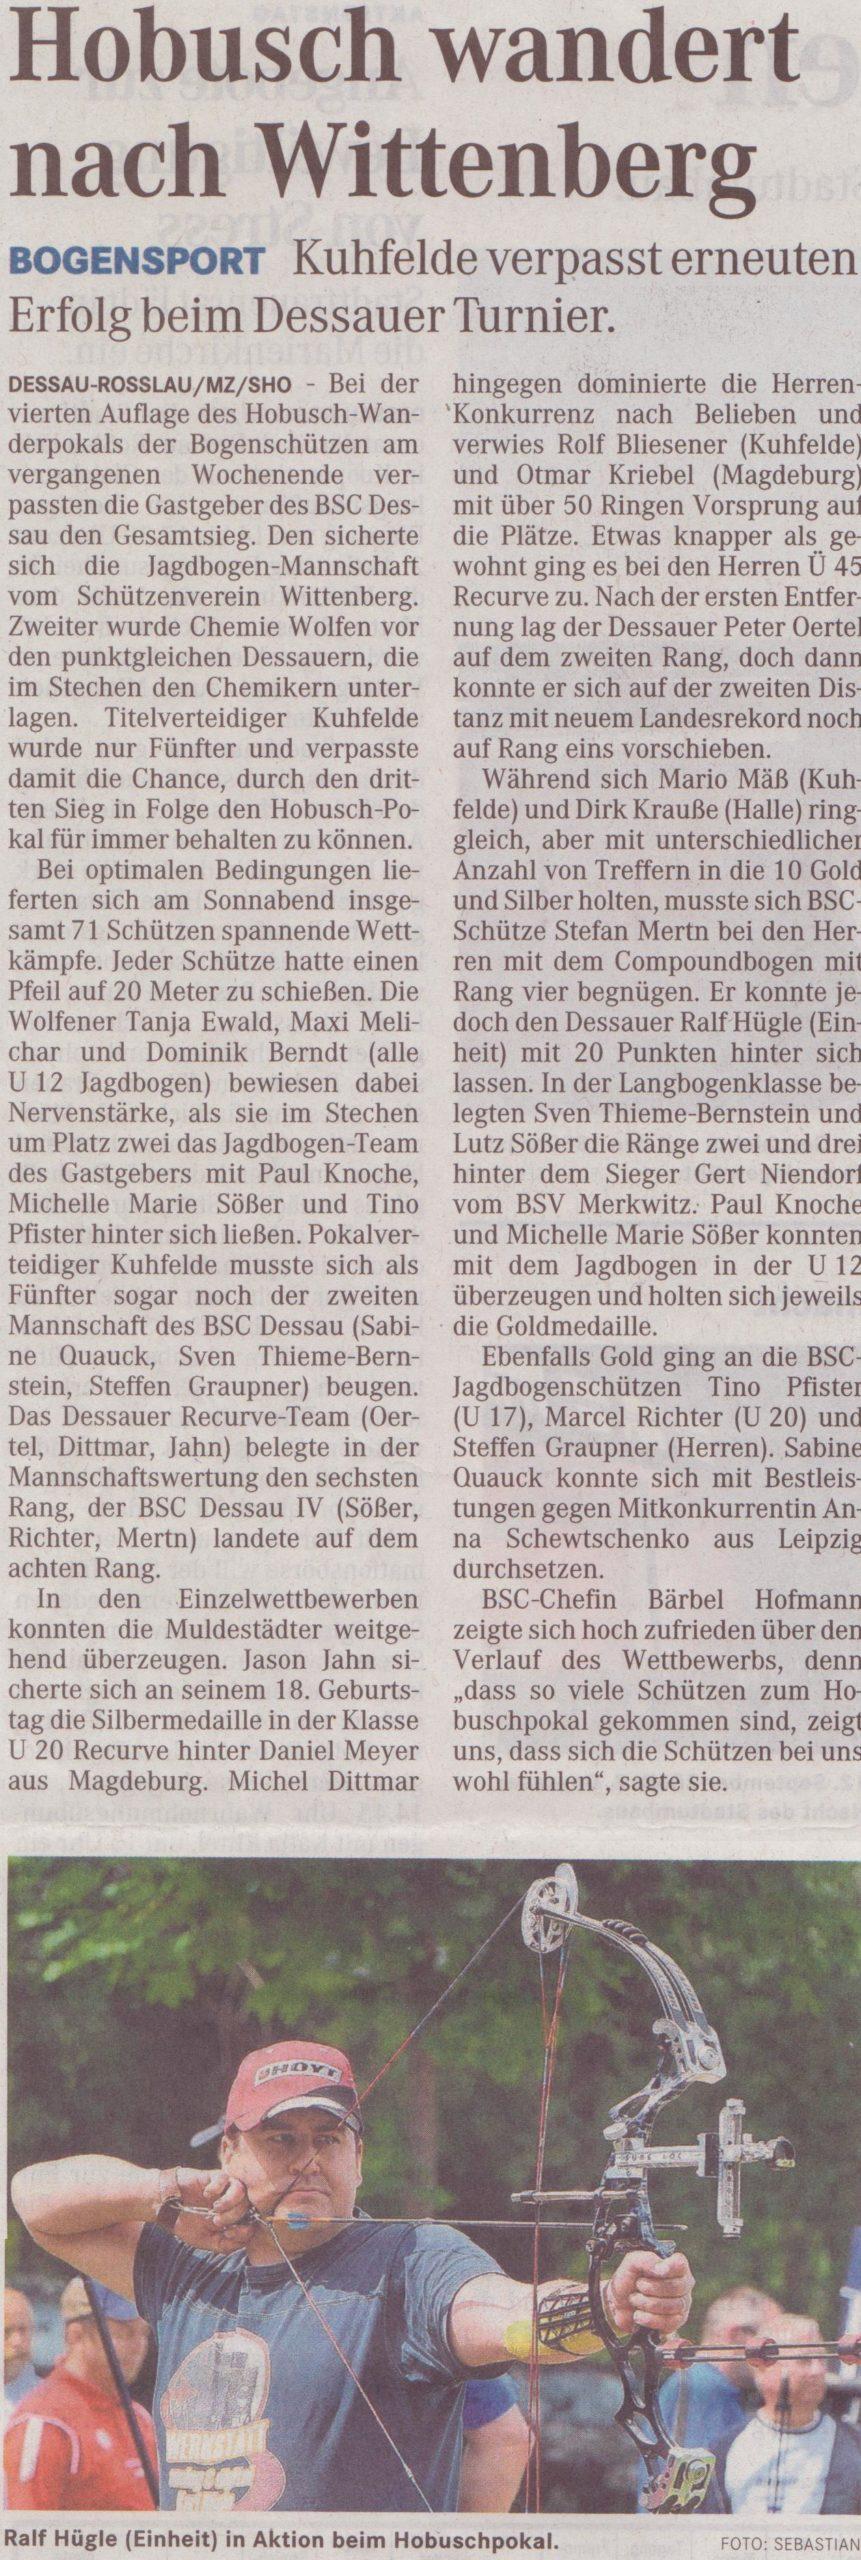 4. Hobusch- Wanderpokal – Mitteldeutsche Zeitung vom 19.05.2009